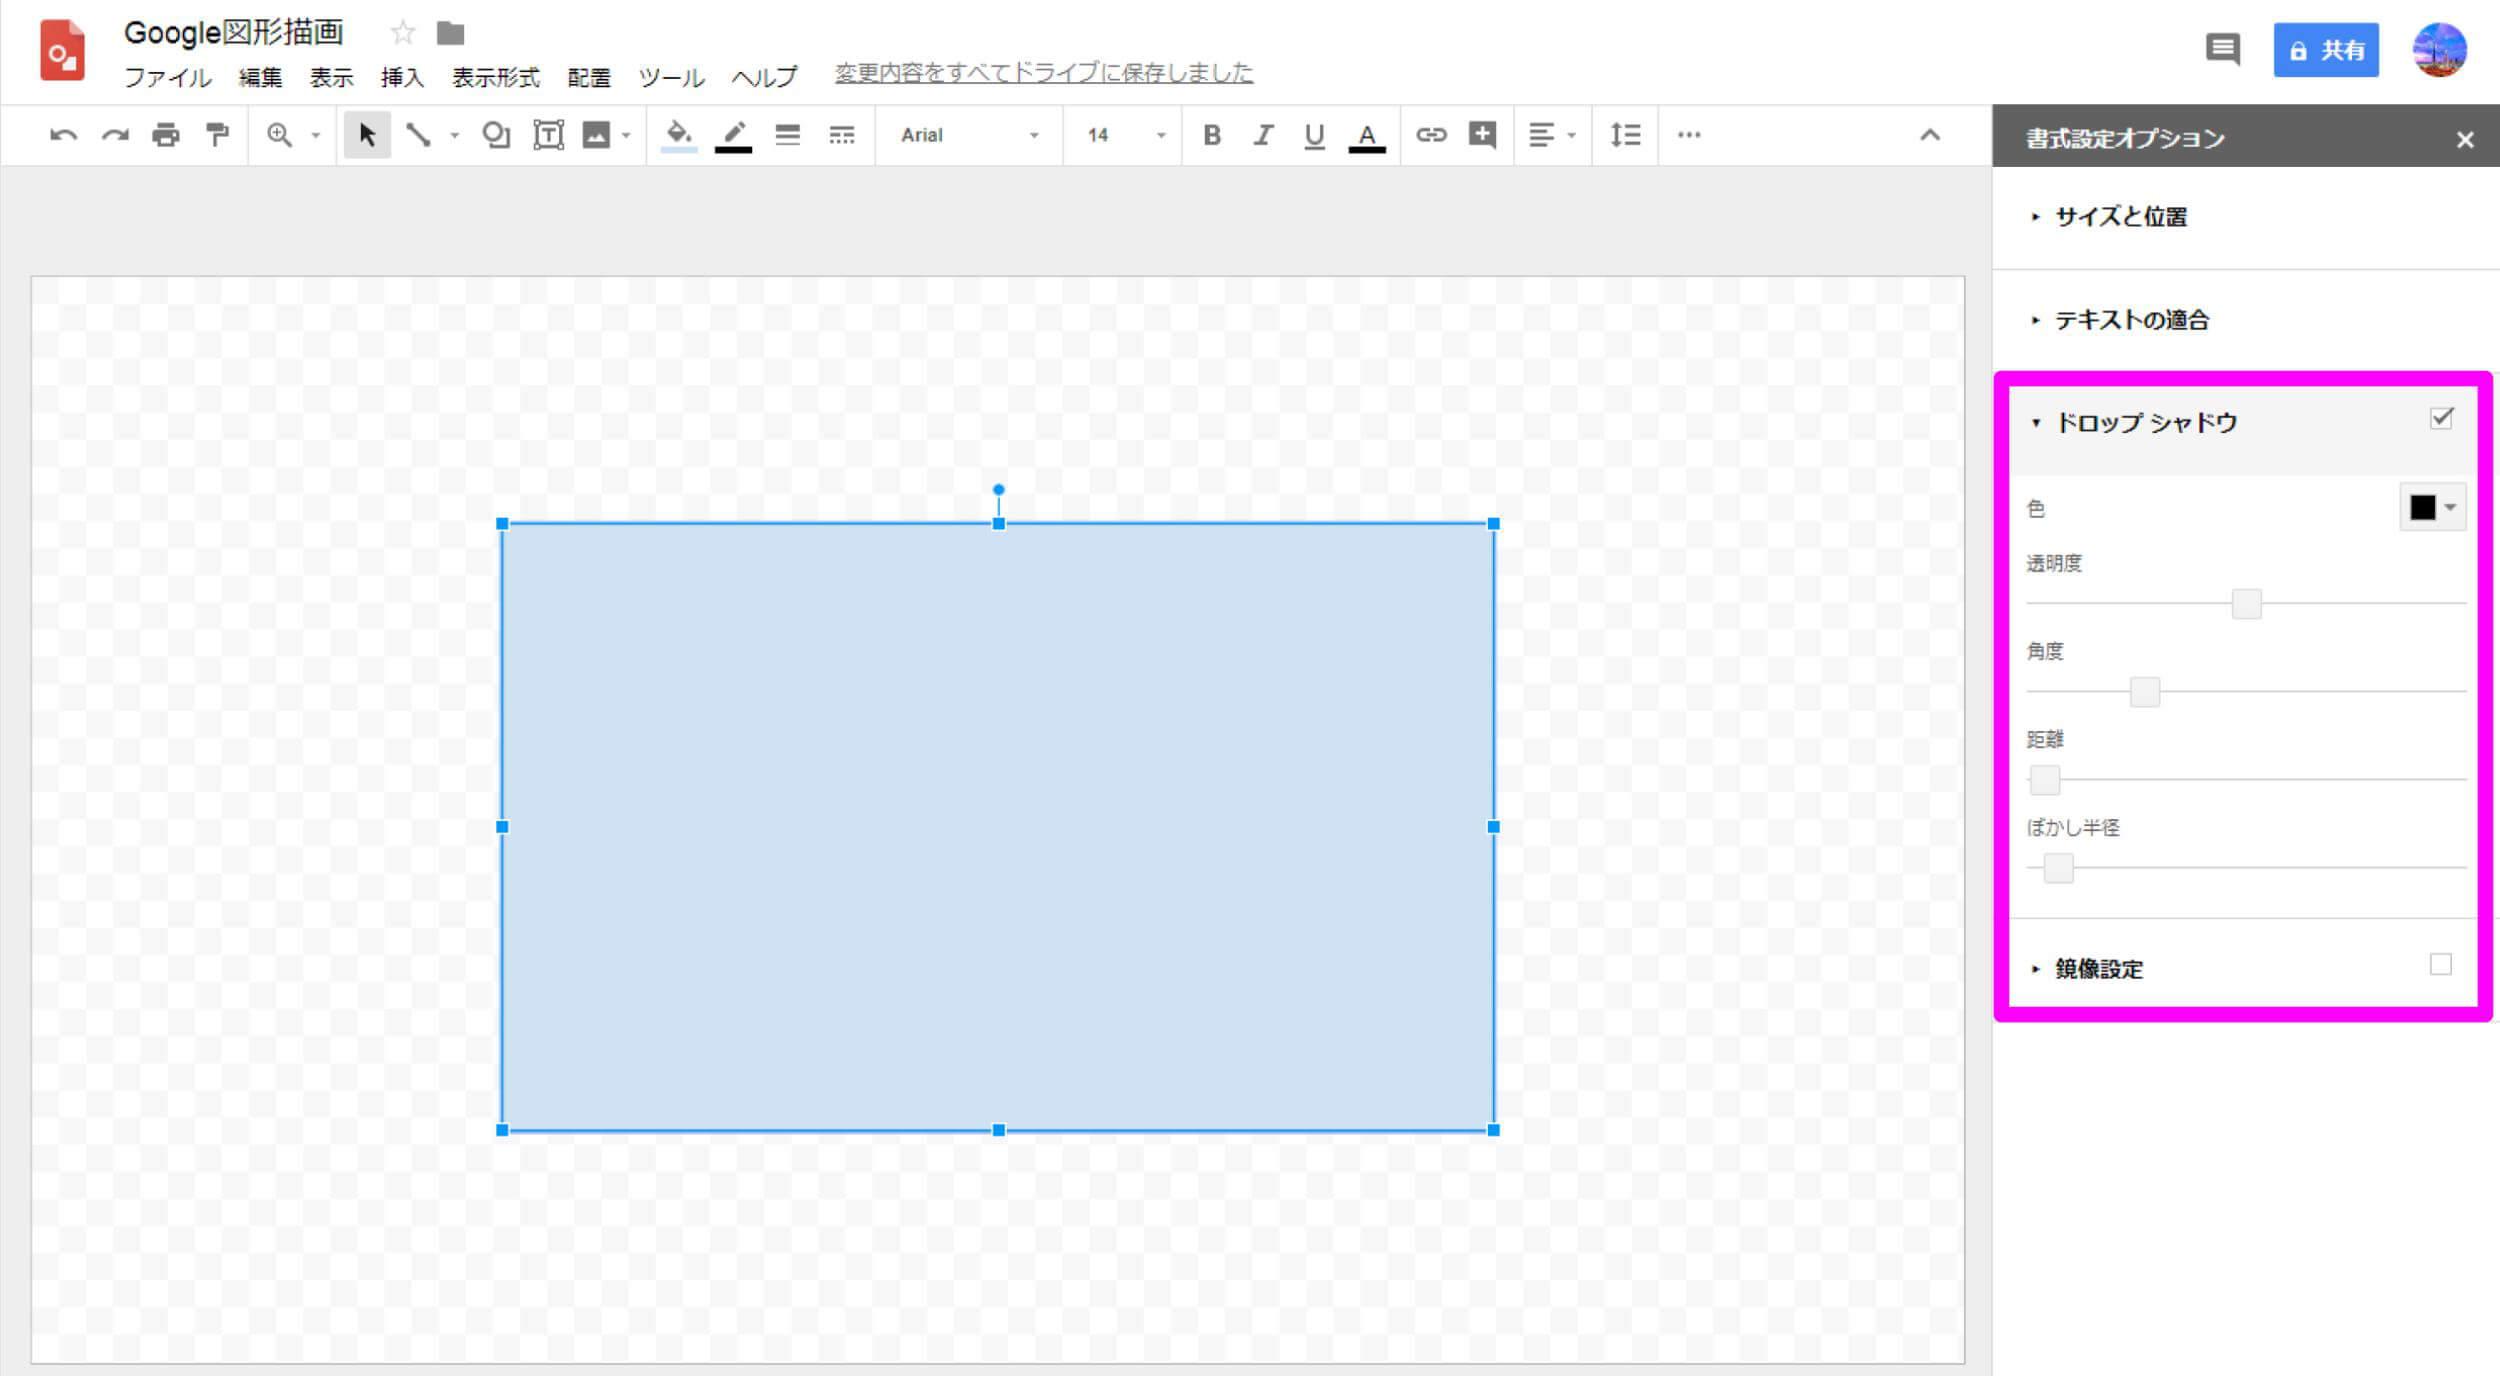 Google図形描画の使い方 ドロップシャドウをクリック